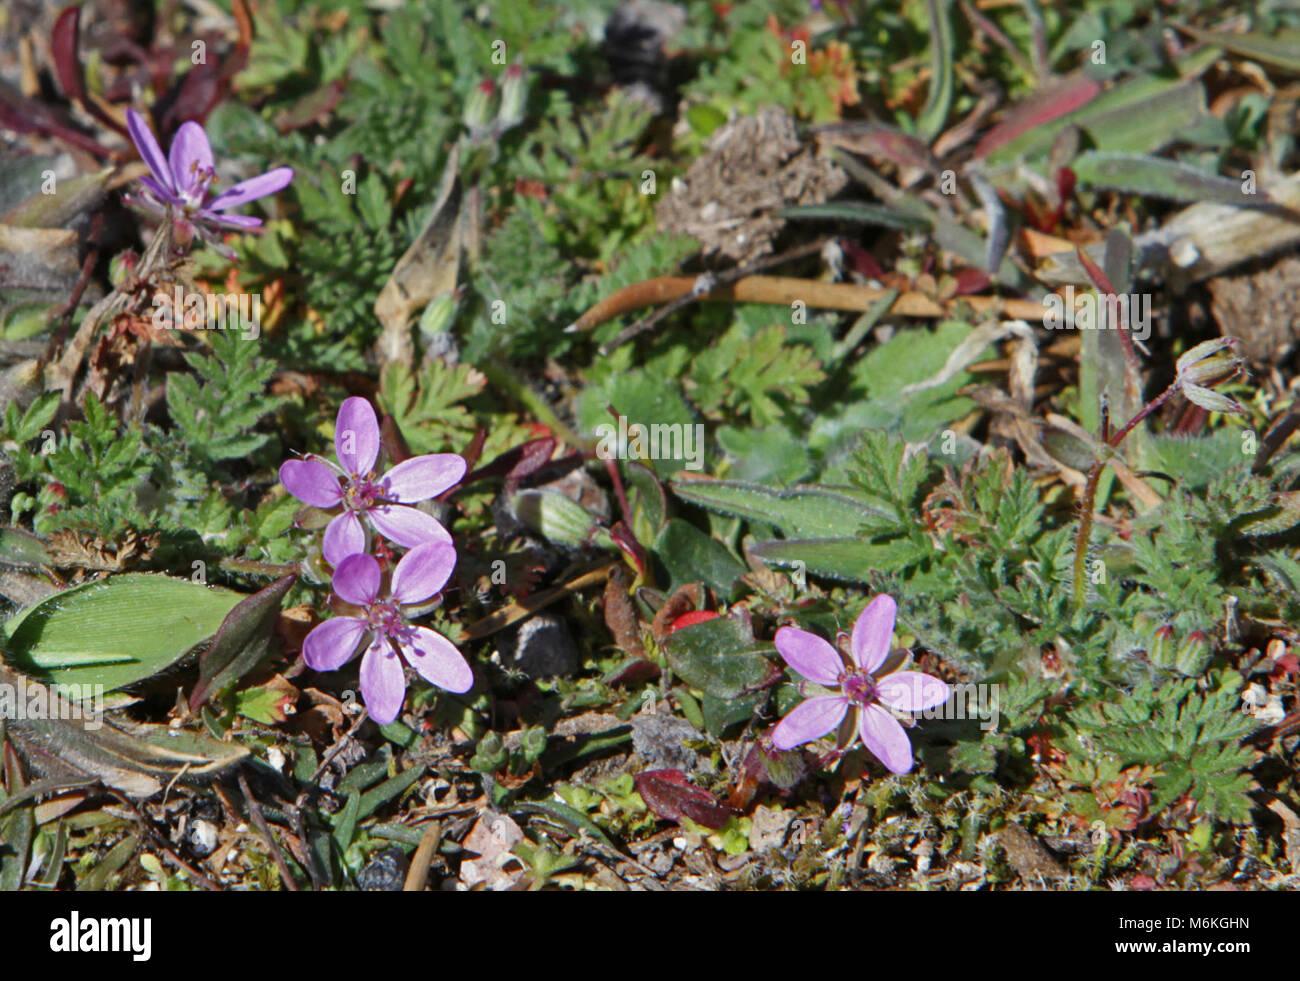 Erodium cicutarium or Crane's bill. Nonnative Erodium cicutarium or Crane's bill in Upper Geyser Basin; - Stock Image